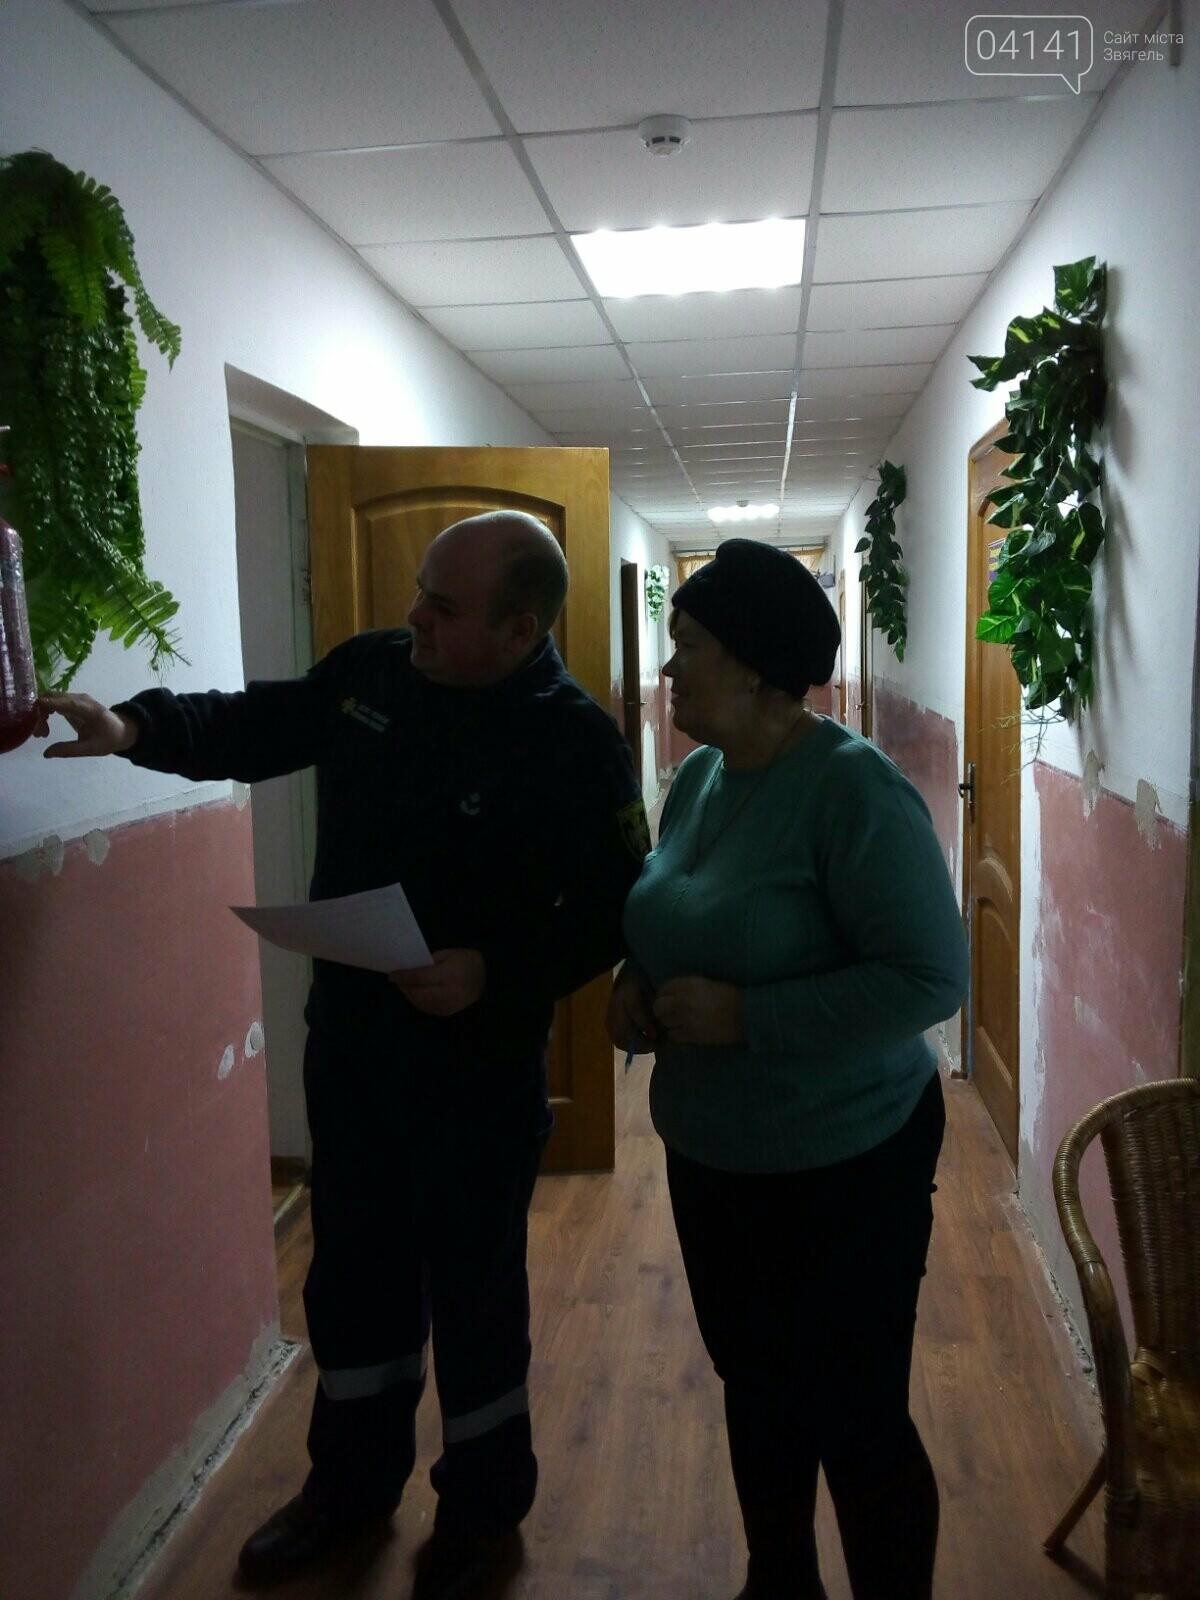 Рятувальники Новограда-Волинського проводять позапланові перевірки об'єктів із масовим перебуванням людей, фото-2